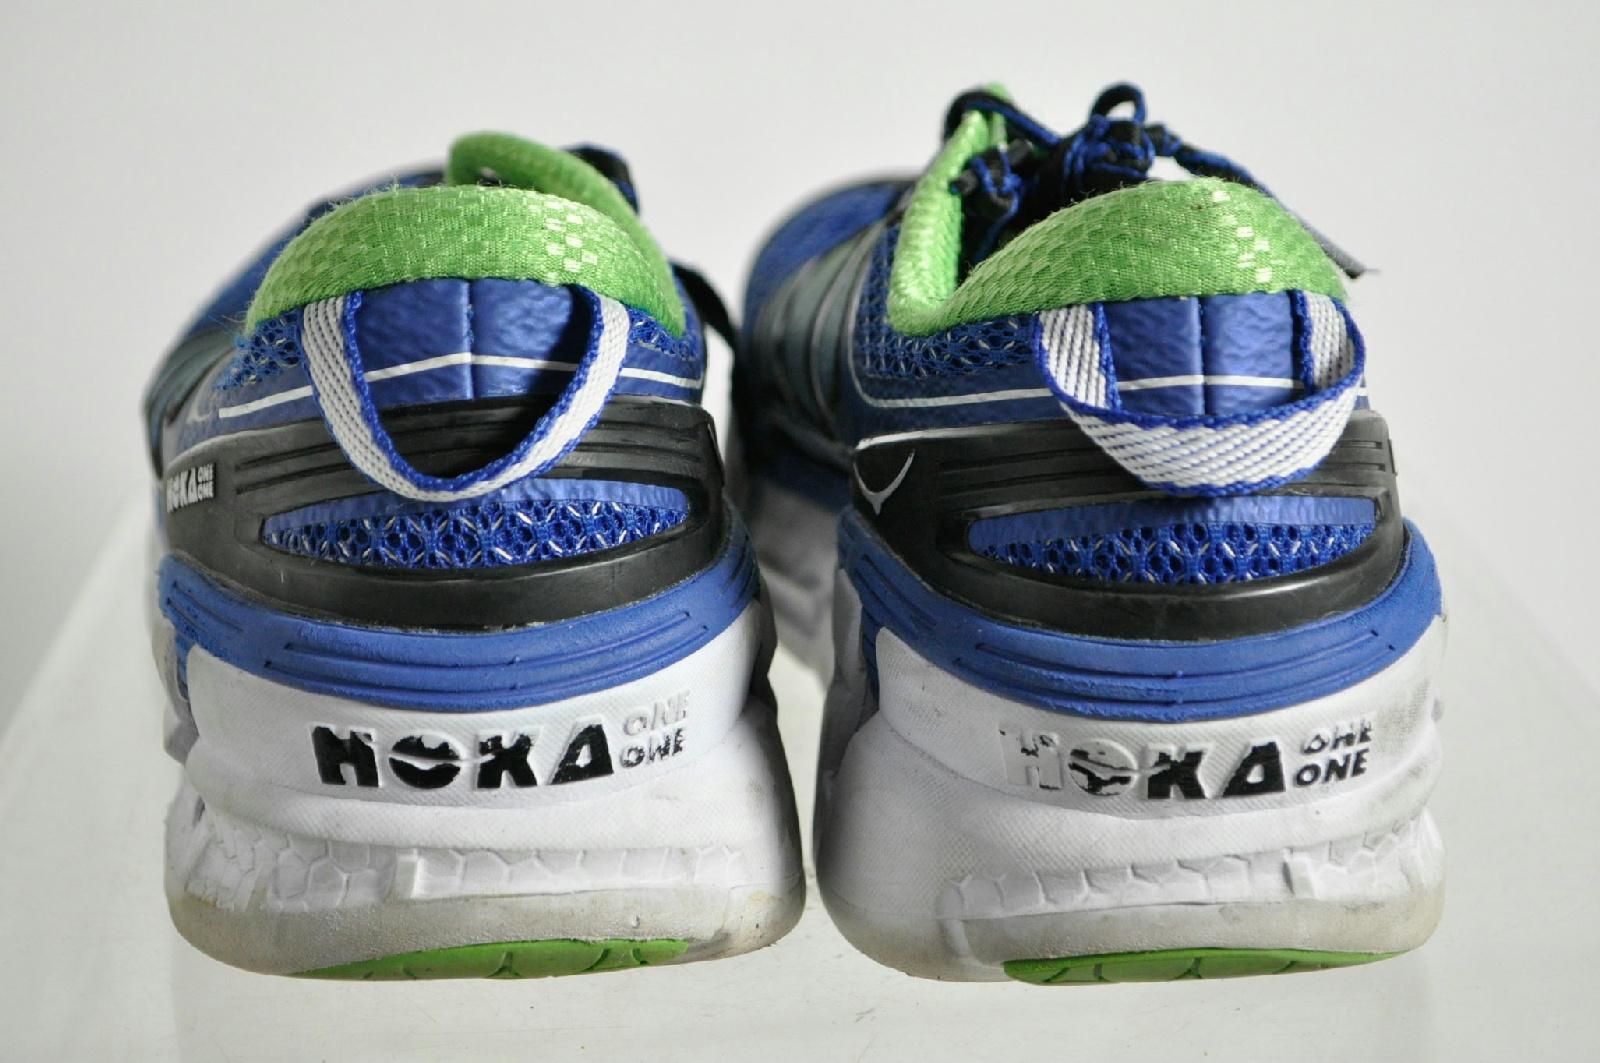 Hoka Running Shoes San Francisco